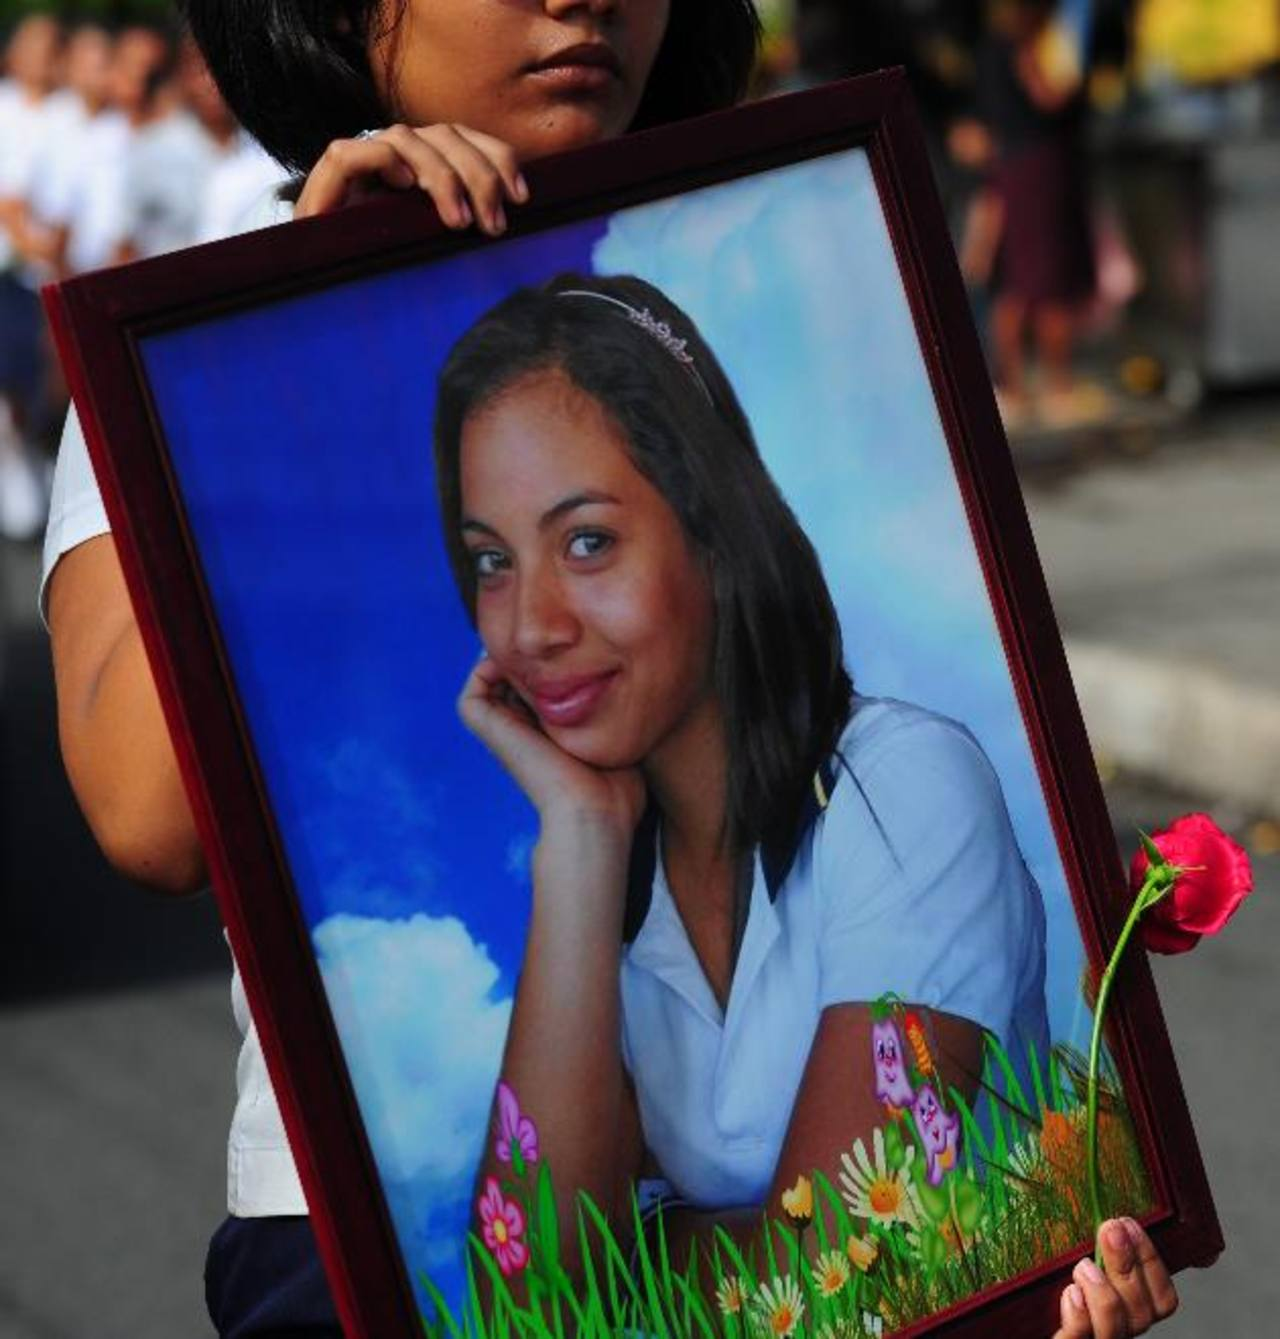 Foto EDH / JuzgadosLa desaparición y asesinato de Alisson Renderos, estudiante de Noveno Grado, desató repudio y conmoción en la población.